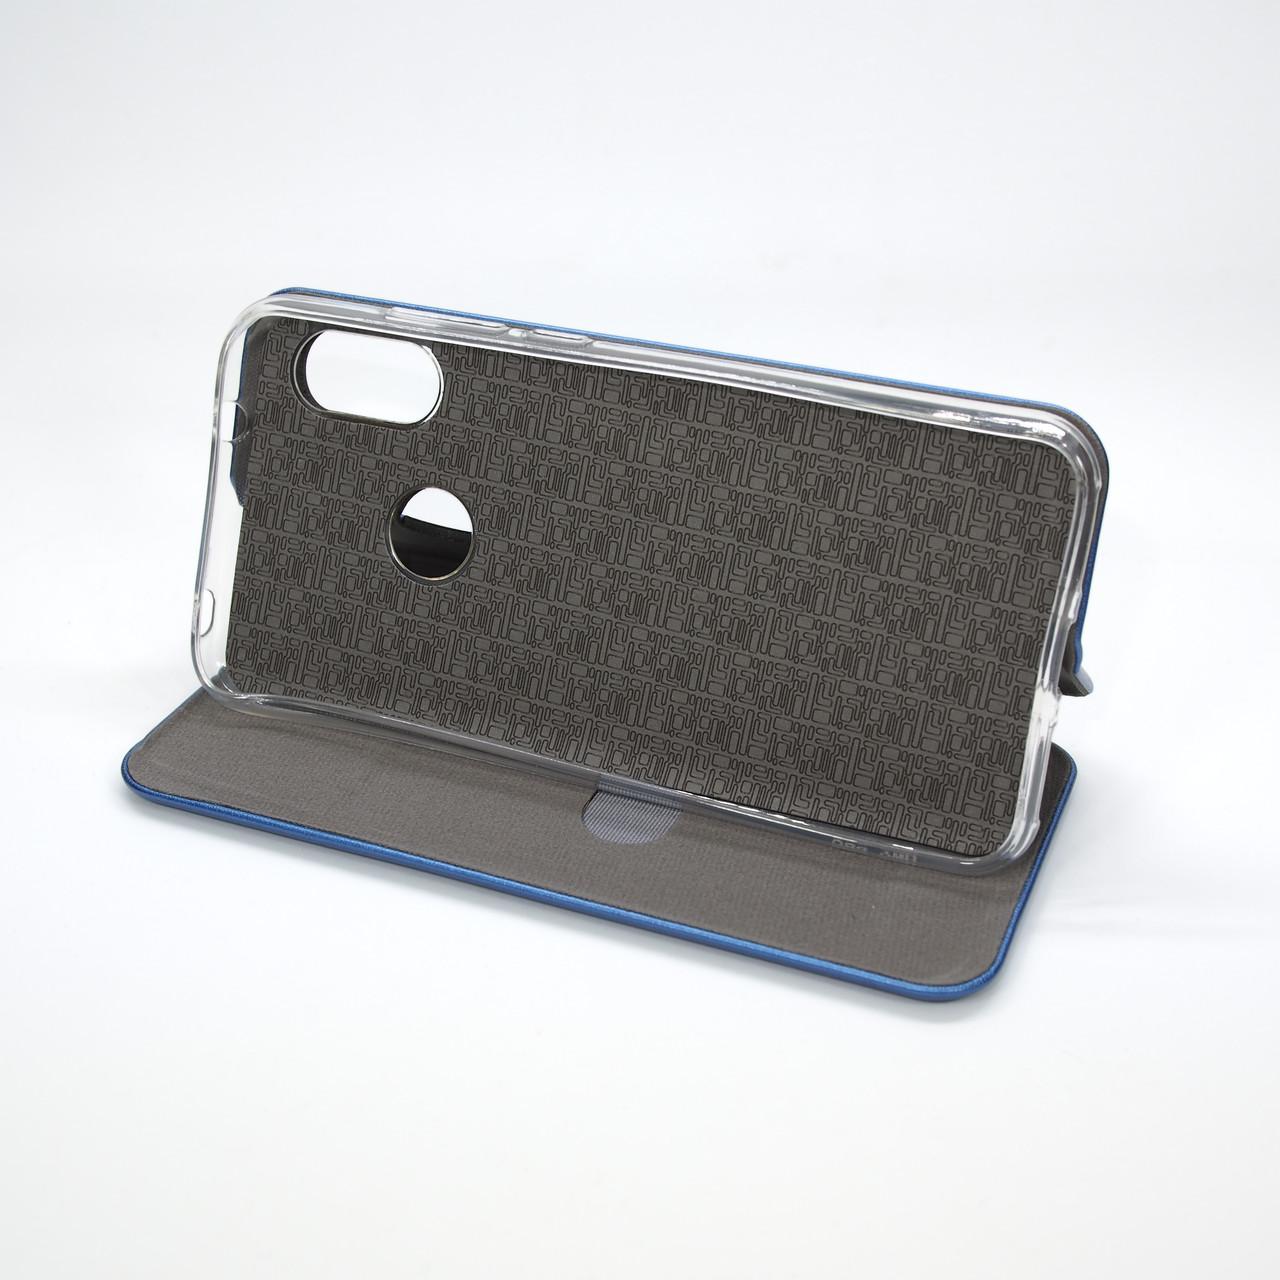 G-Case Xiaomi redmi 6 Pro blue Mi A2 Lite